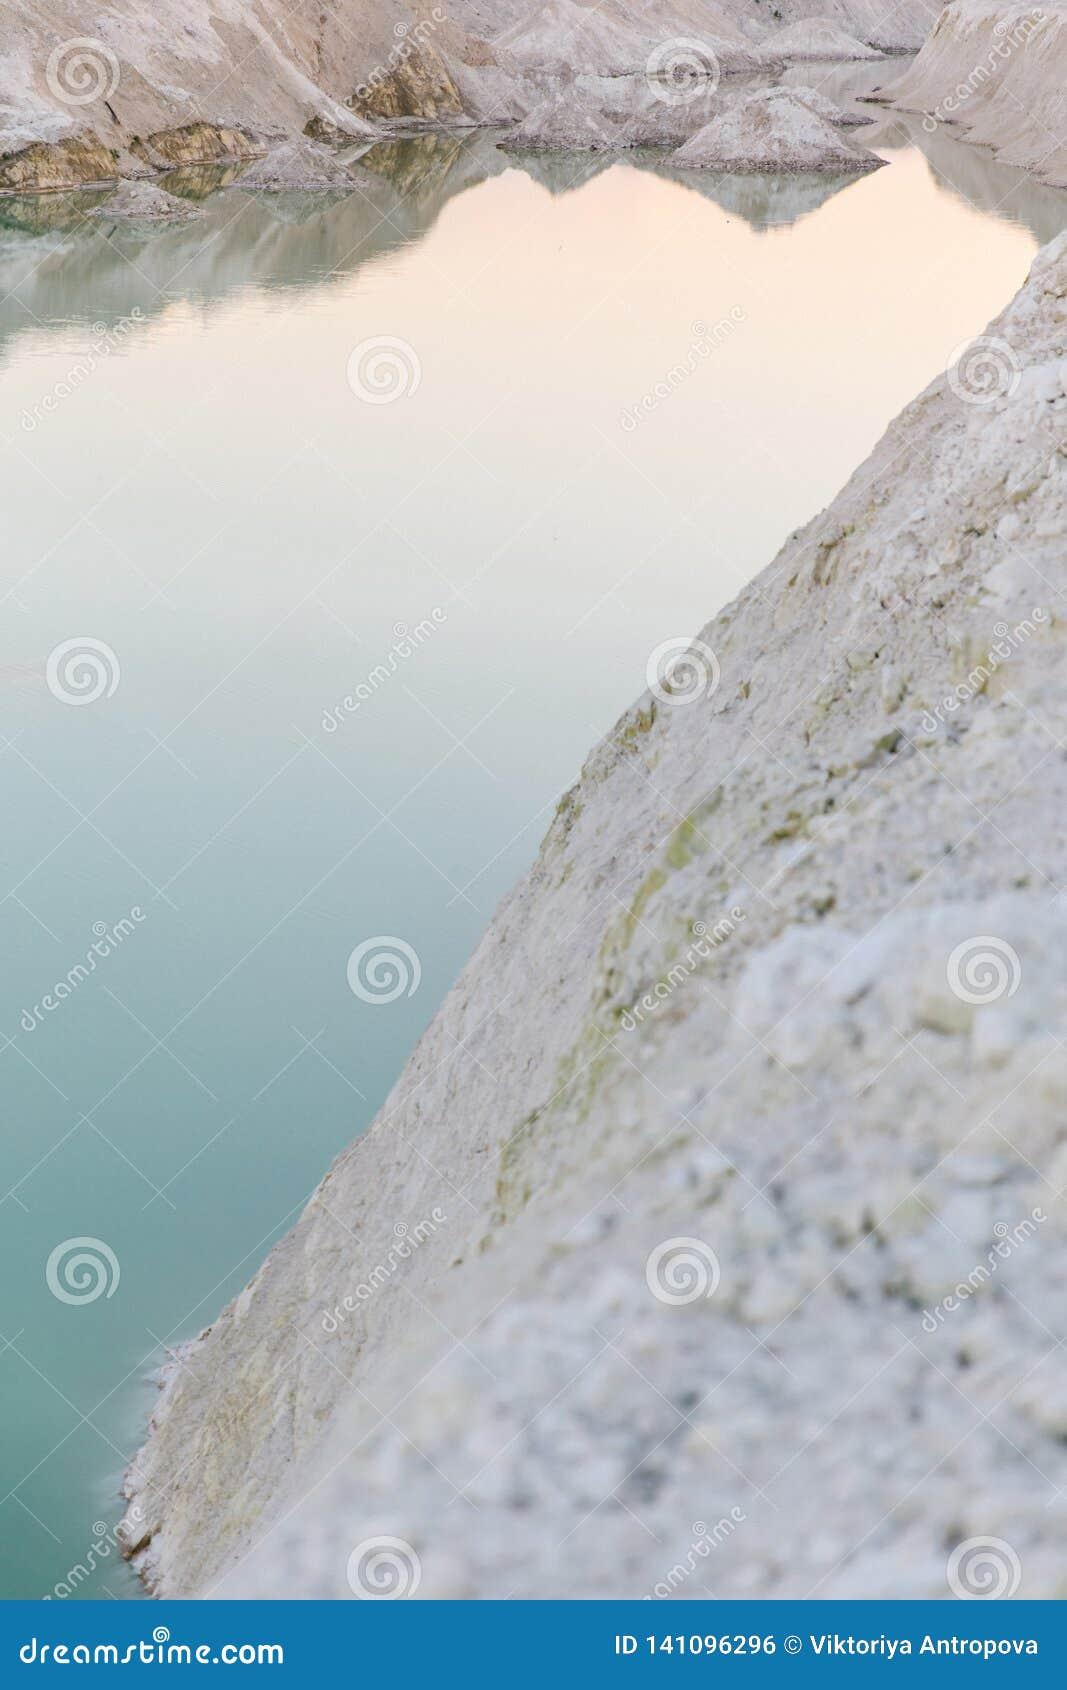 Mountainsee mit Smaragdwasser bei Sonnenuntergang